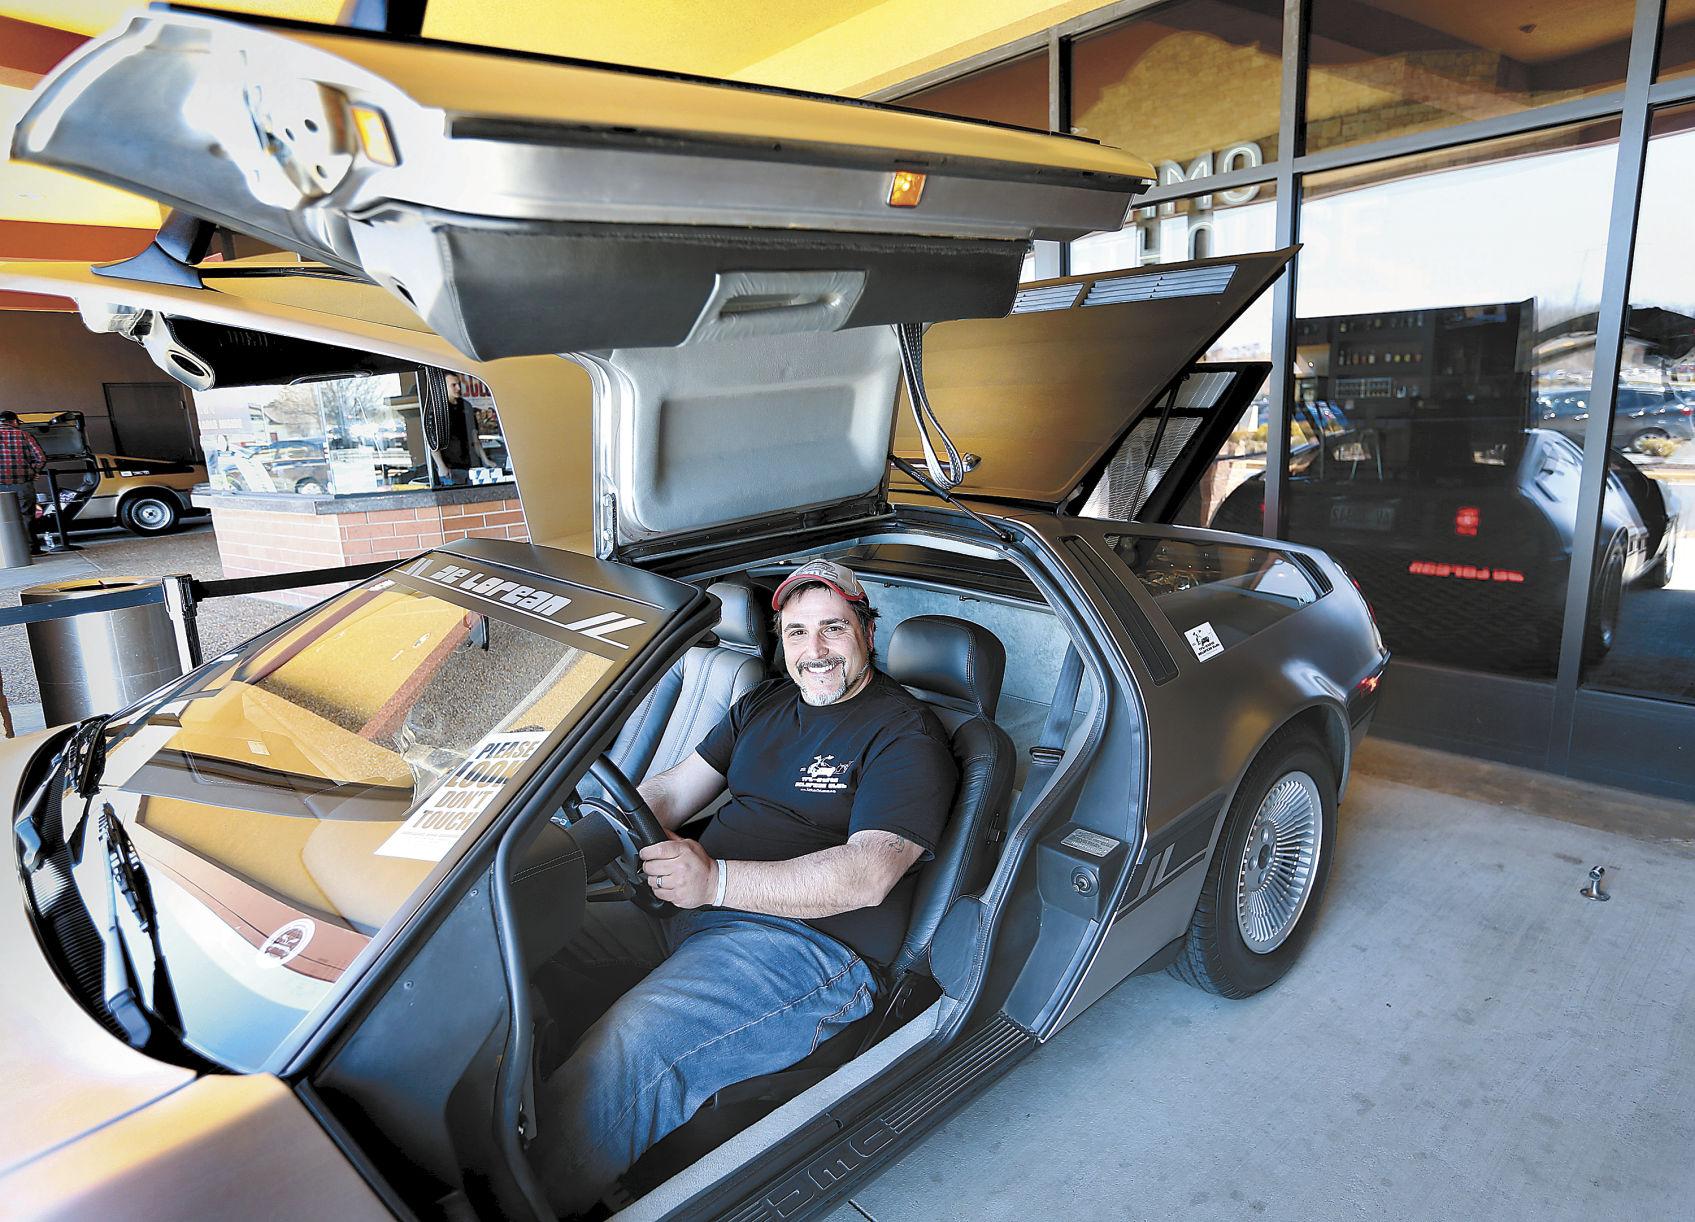 The futuristic DeLorean still fascinates car lovers & Futuristic DeLorean still fascinates car lovers | News ...